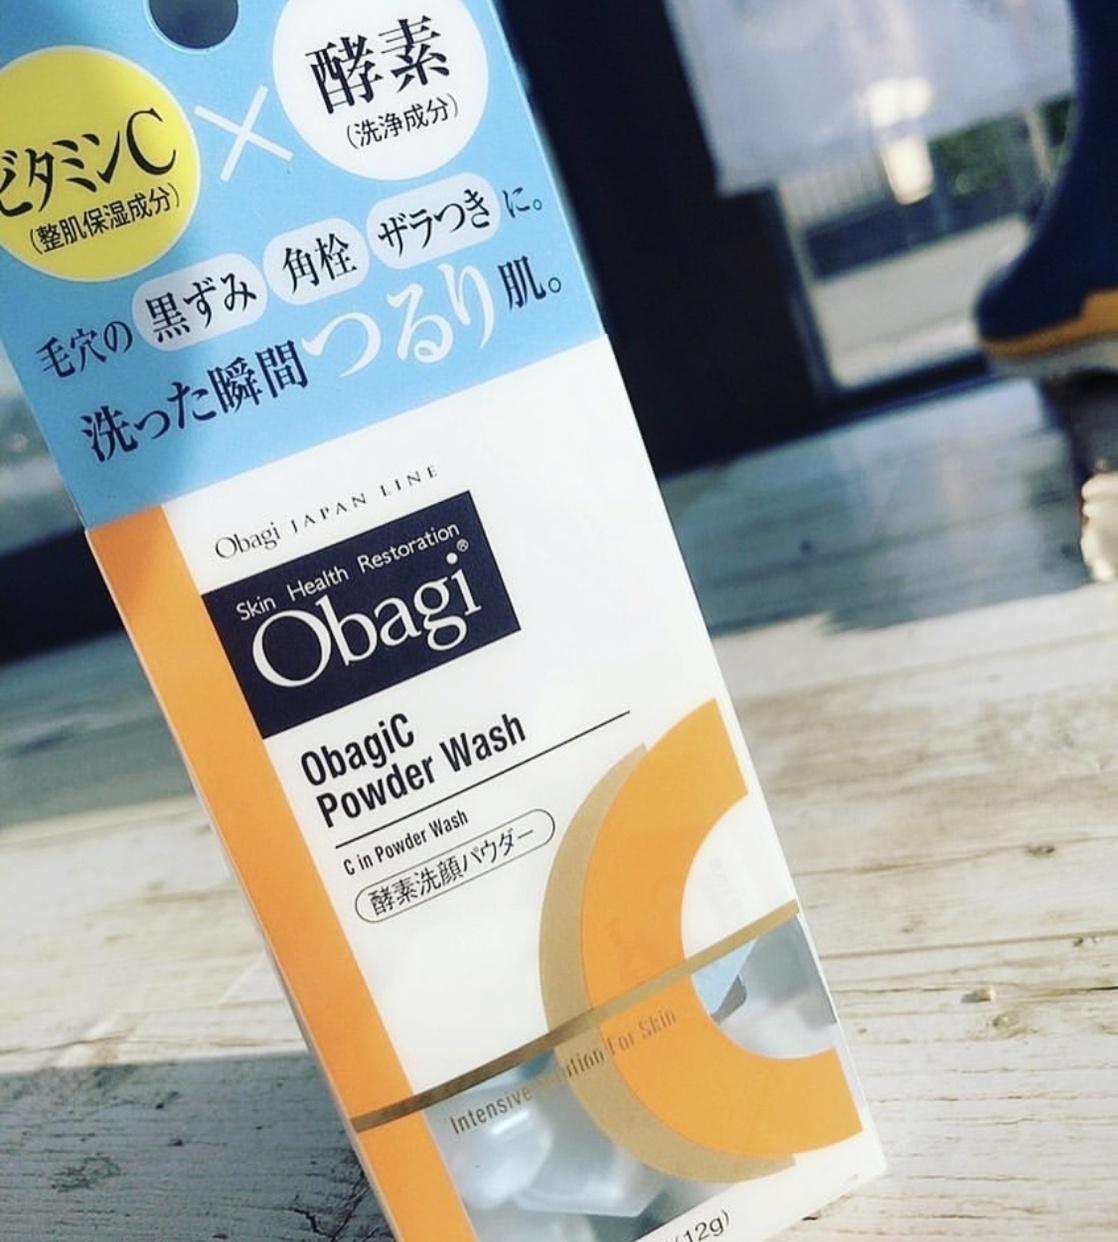 Obagi(オバジ)オバジC 酵素洗顔パウダーを使ったたむちゃんさんのクチコミ画像